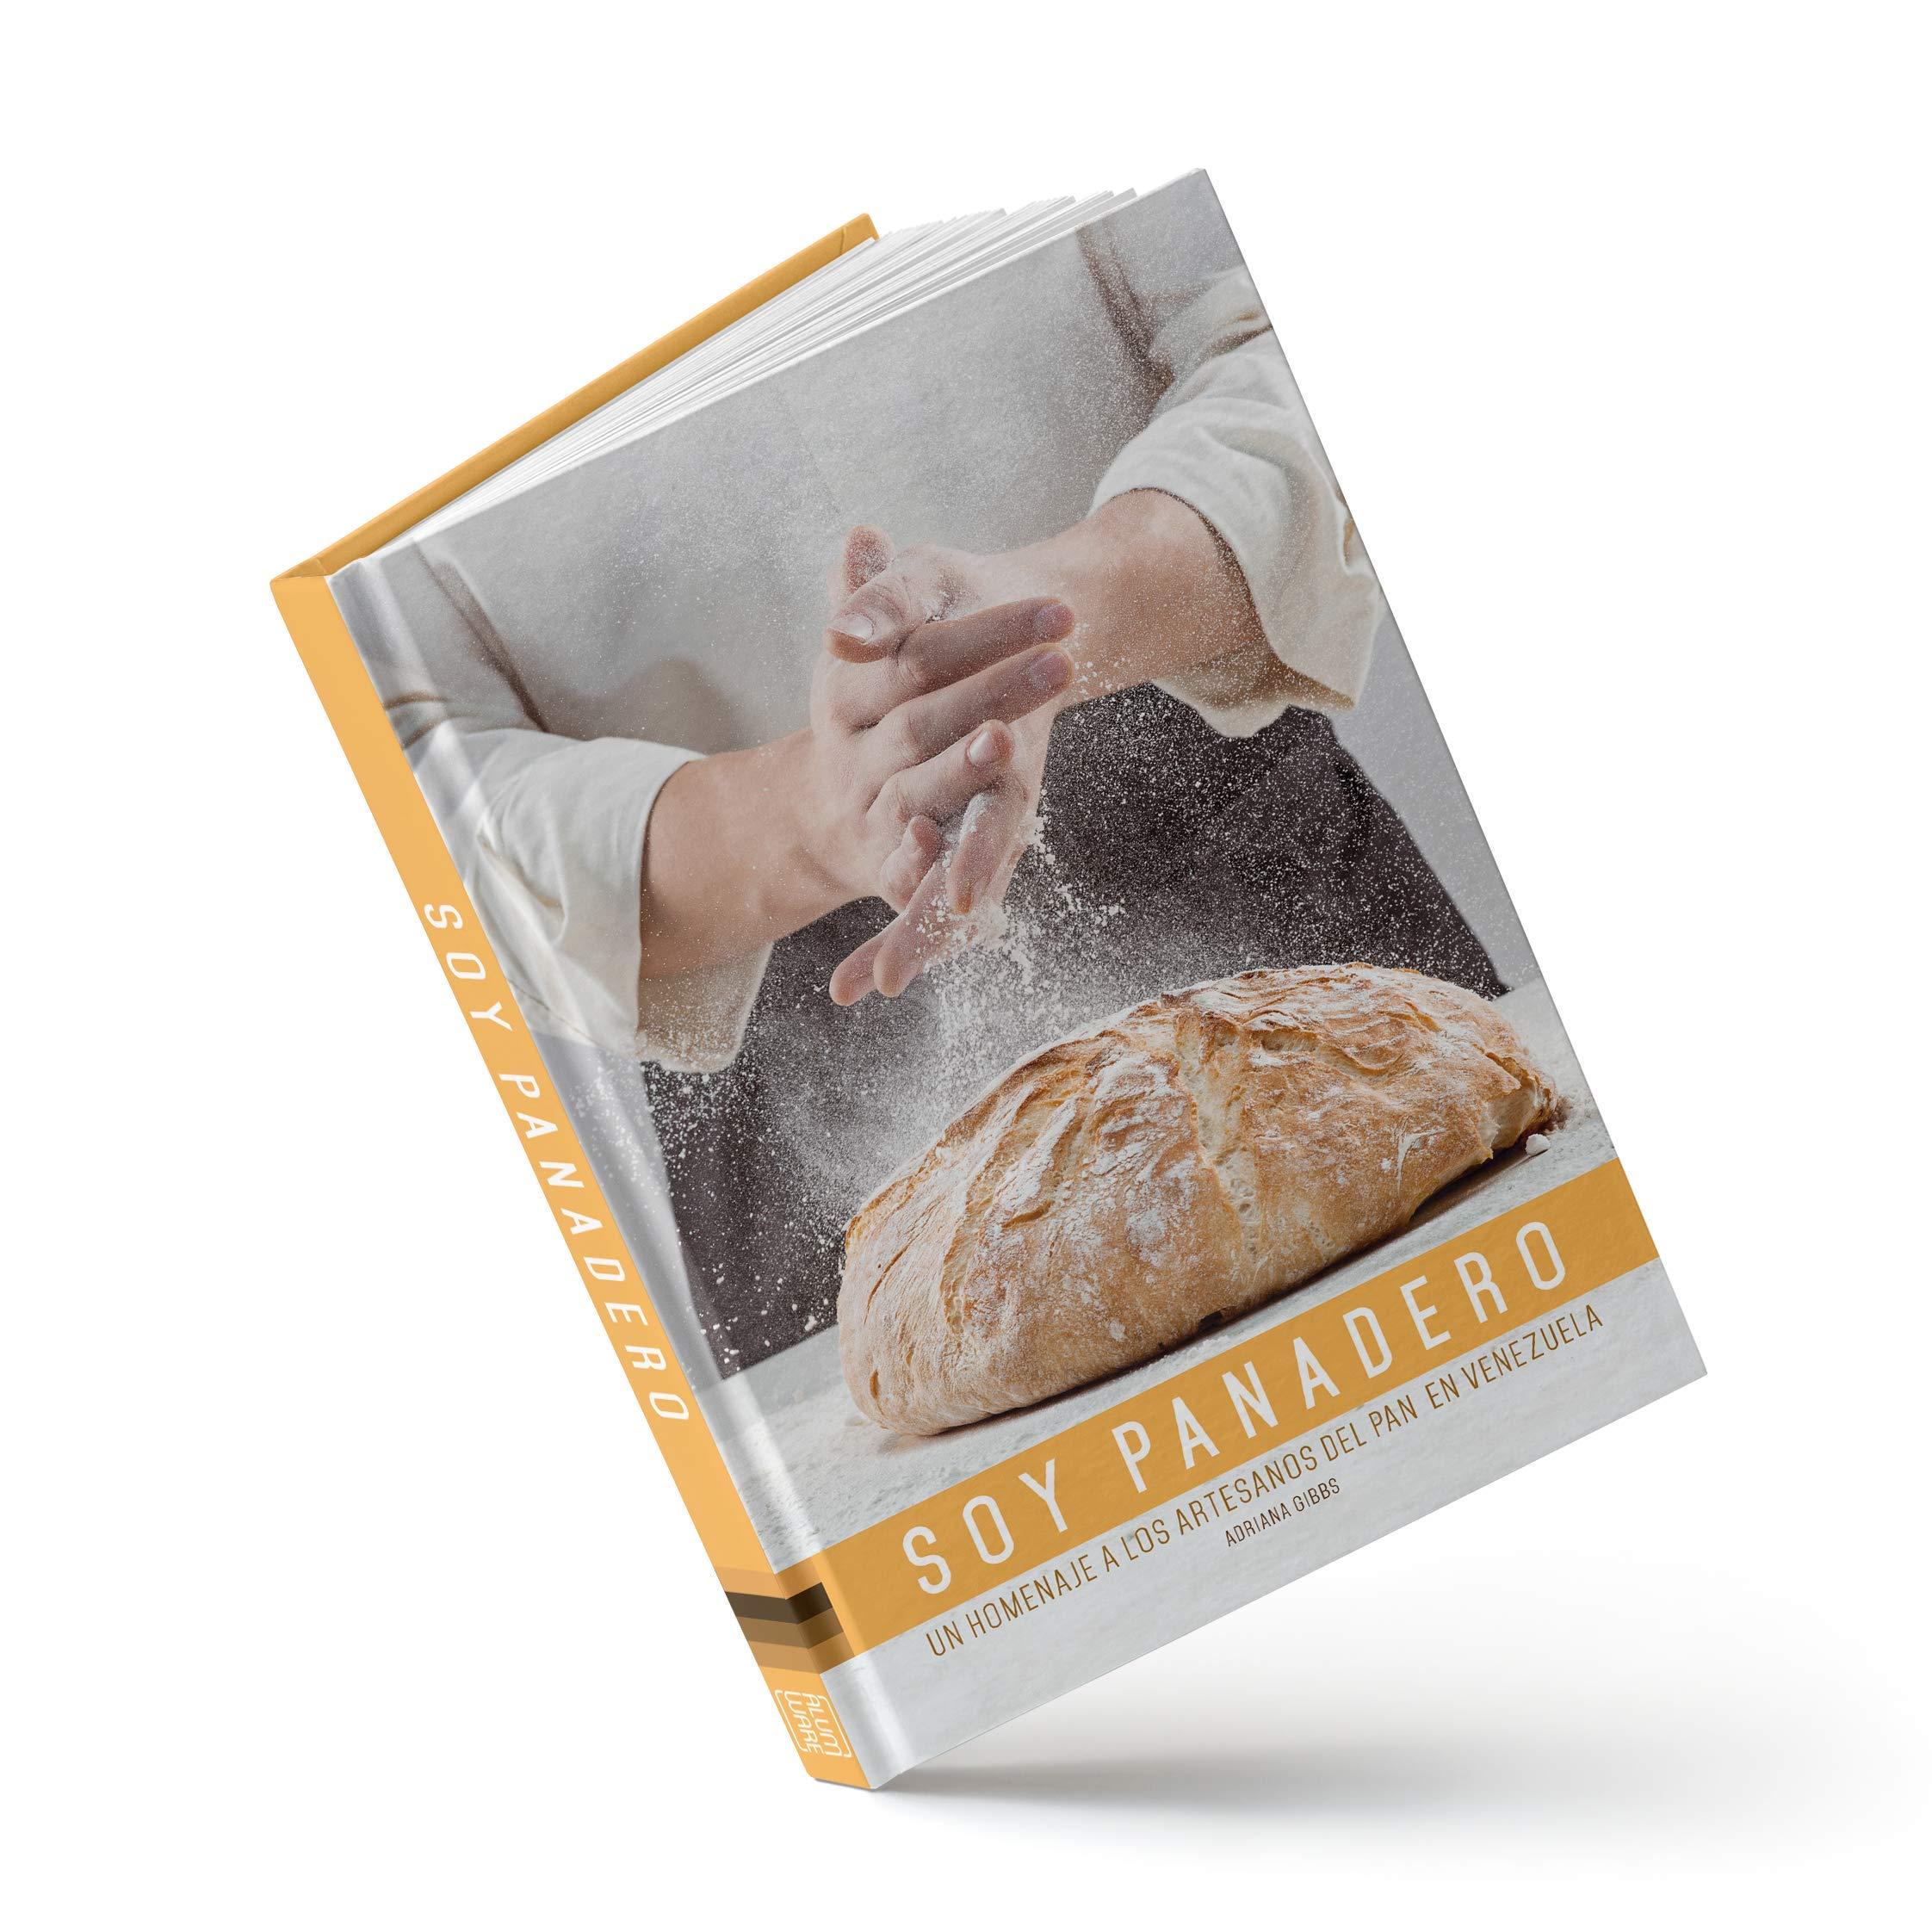 Soy Panadero: Un Homenaje a los Artesanos del Pan en Venezuela: Adriana Gibbs, Alumware, Maria Eugenia Aveledo, Natalia Brand: 9789801802136: Amazon.com: ...